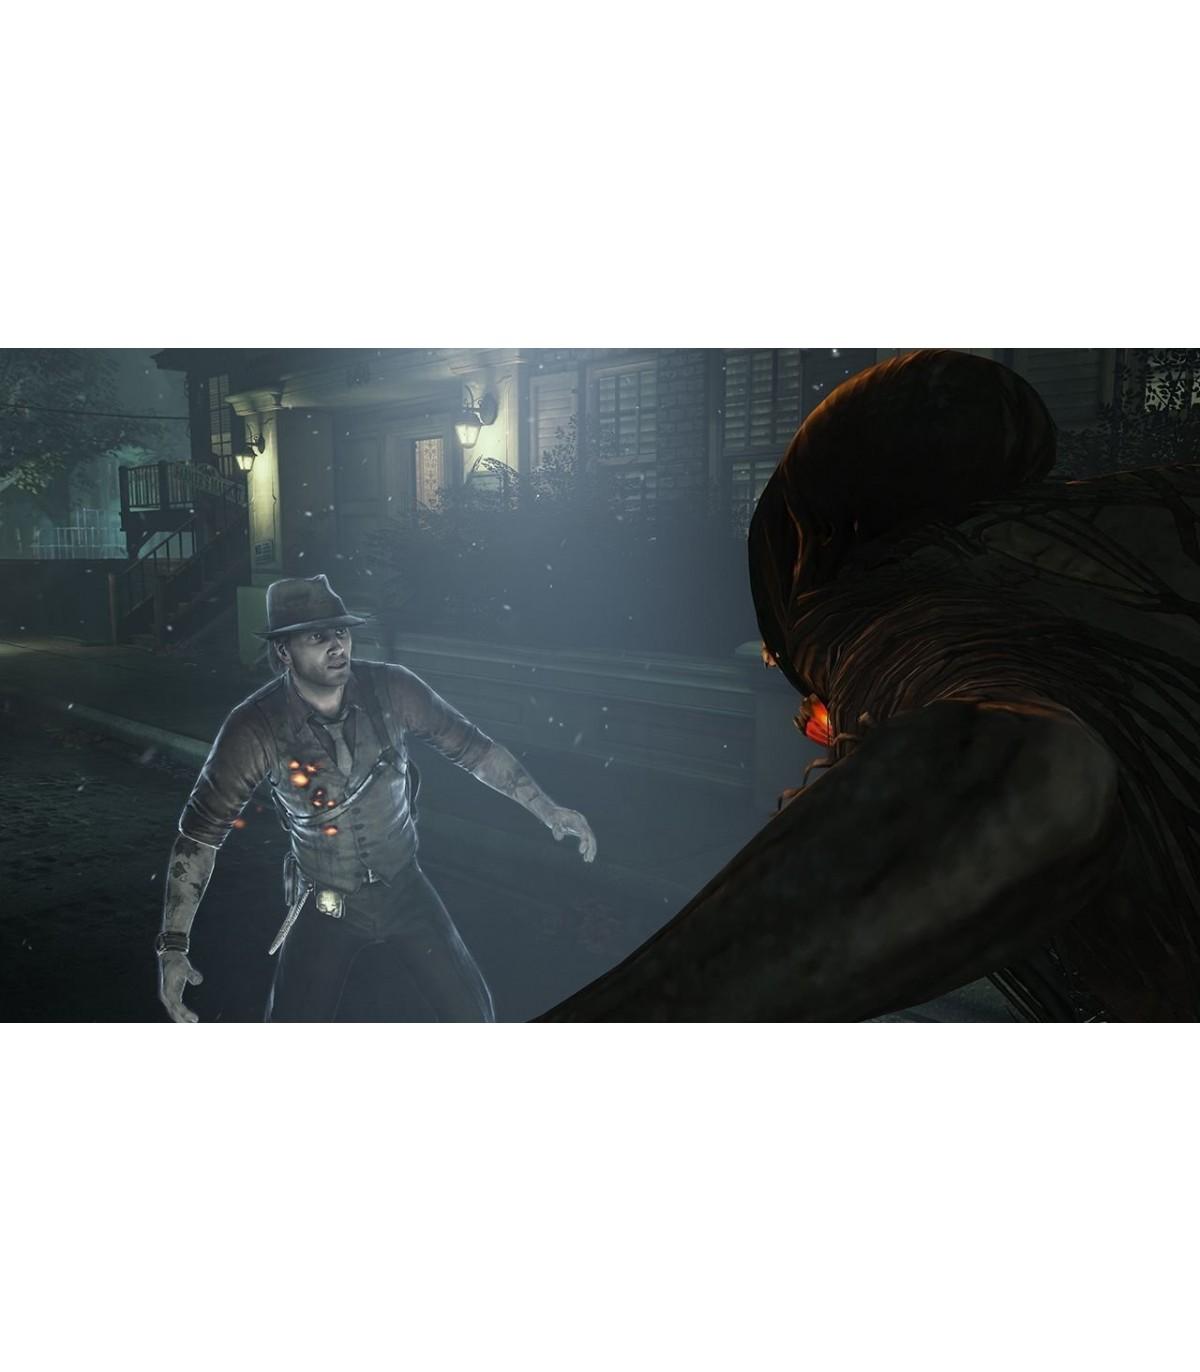 بازی Murdered Soul Suspect کارکرده - پلی استیشن 4